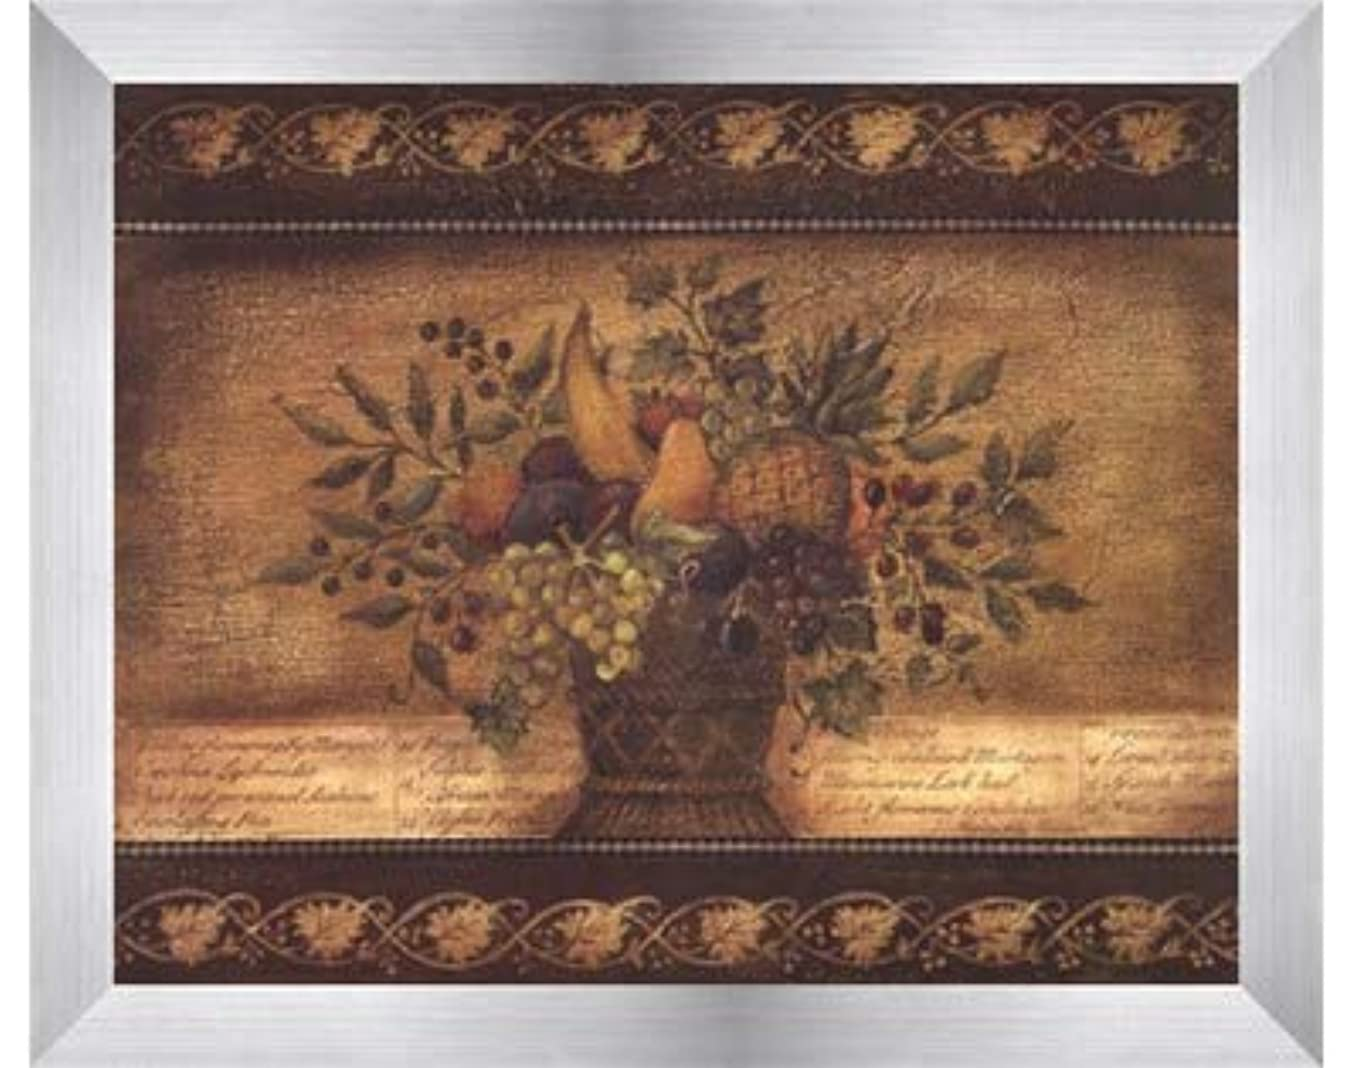 モットー麺経度Old World Abundance I by Kimberly Poloson – 10 x 8インチ – アートプリントポスター LE_112347-F9935-10x8